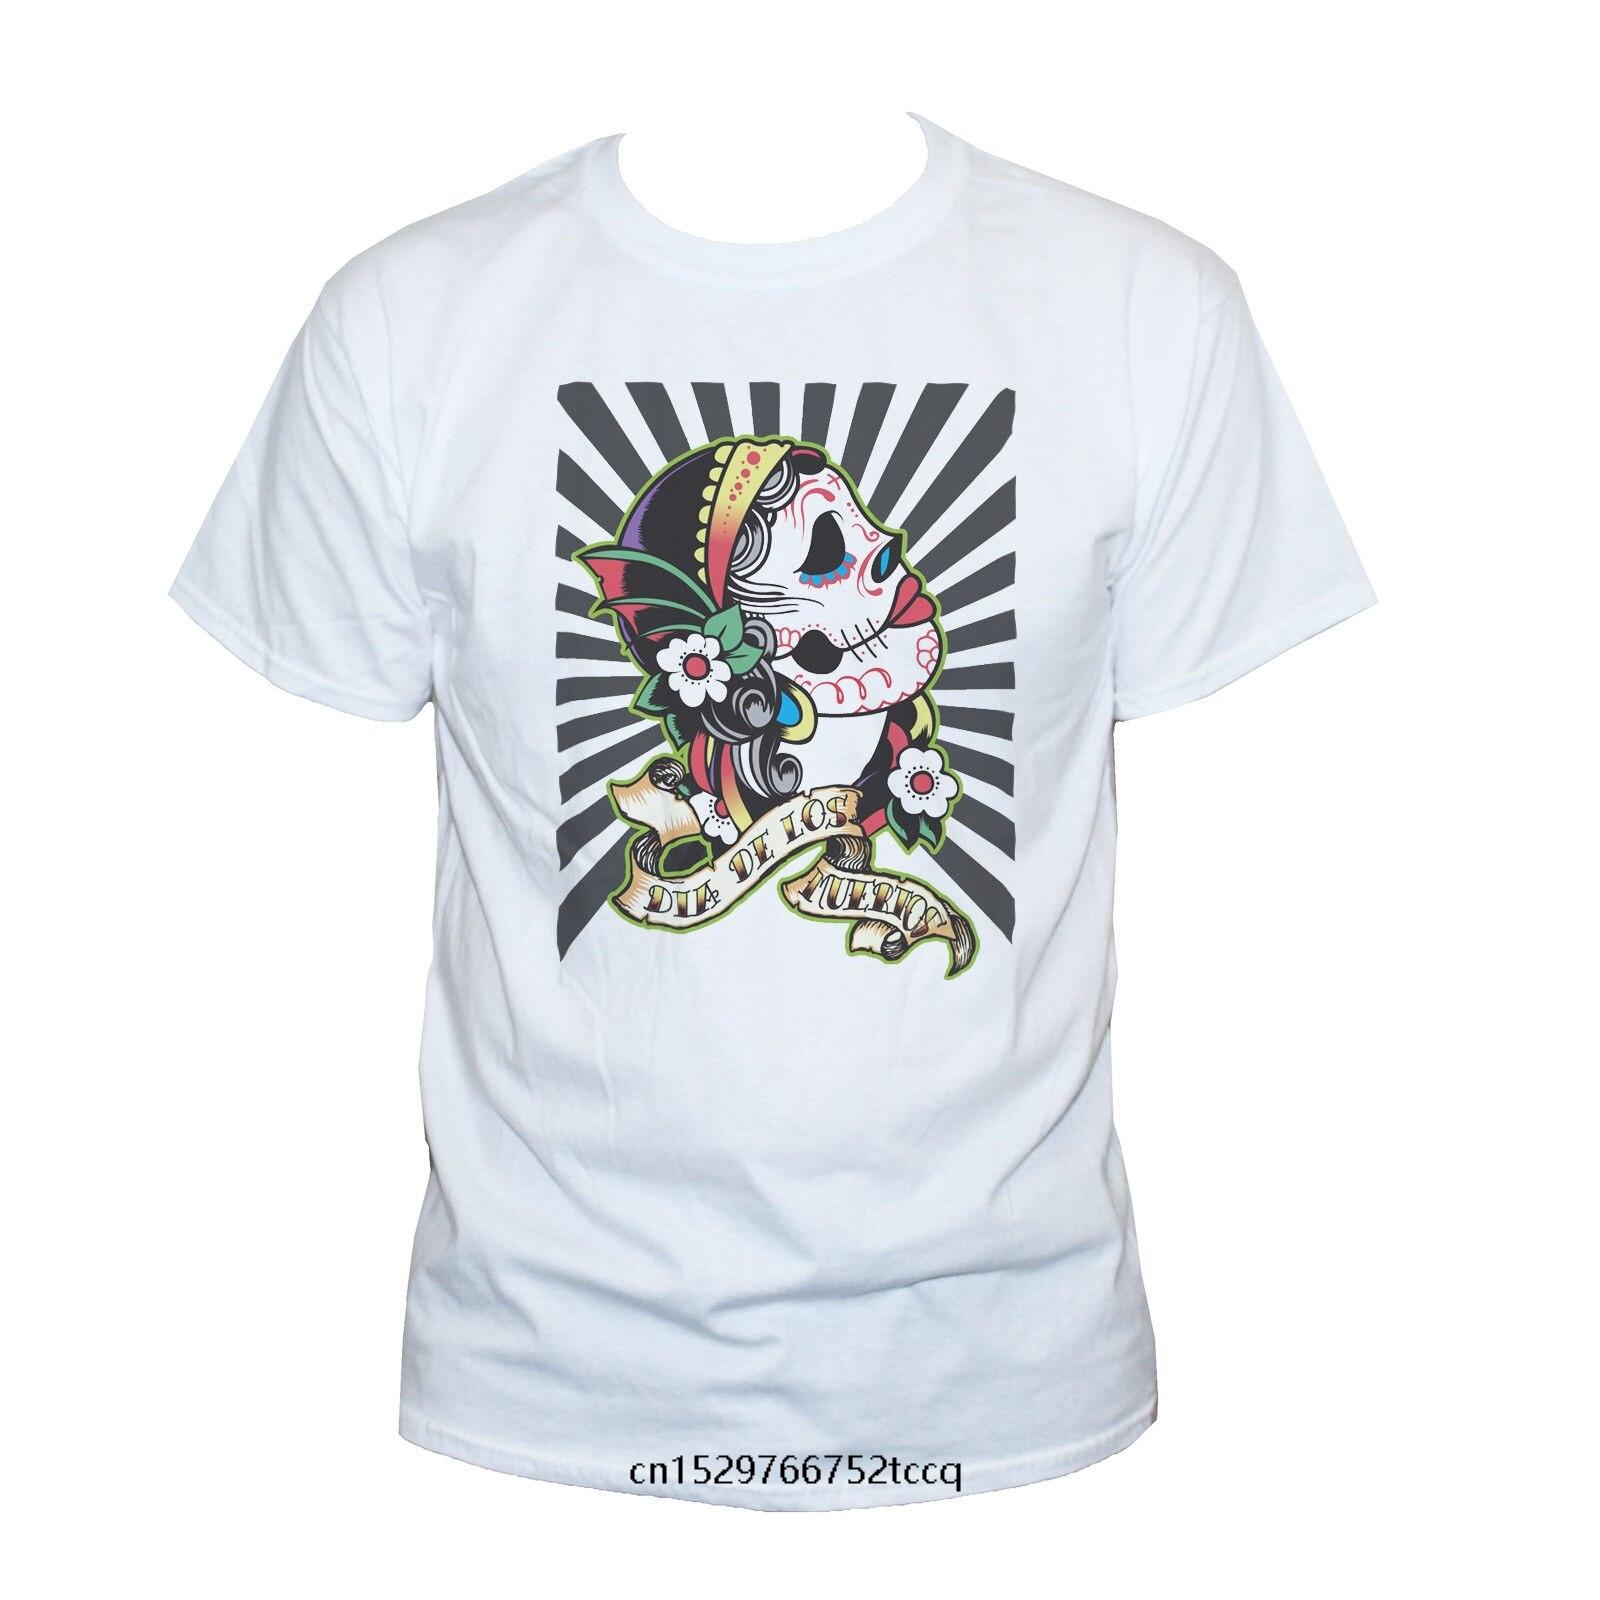 Camiseta con personalidad, Camiseta con estampado con dibujo Rockabilly de calavera mexicana, Camiseta de algodón para hombres